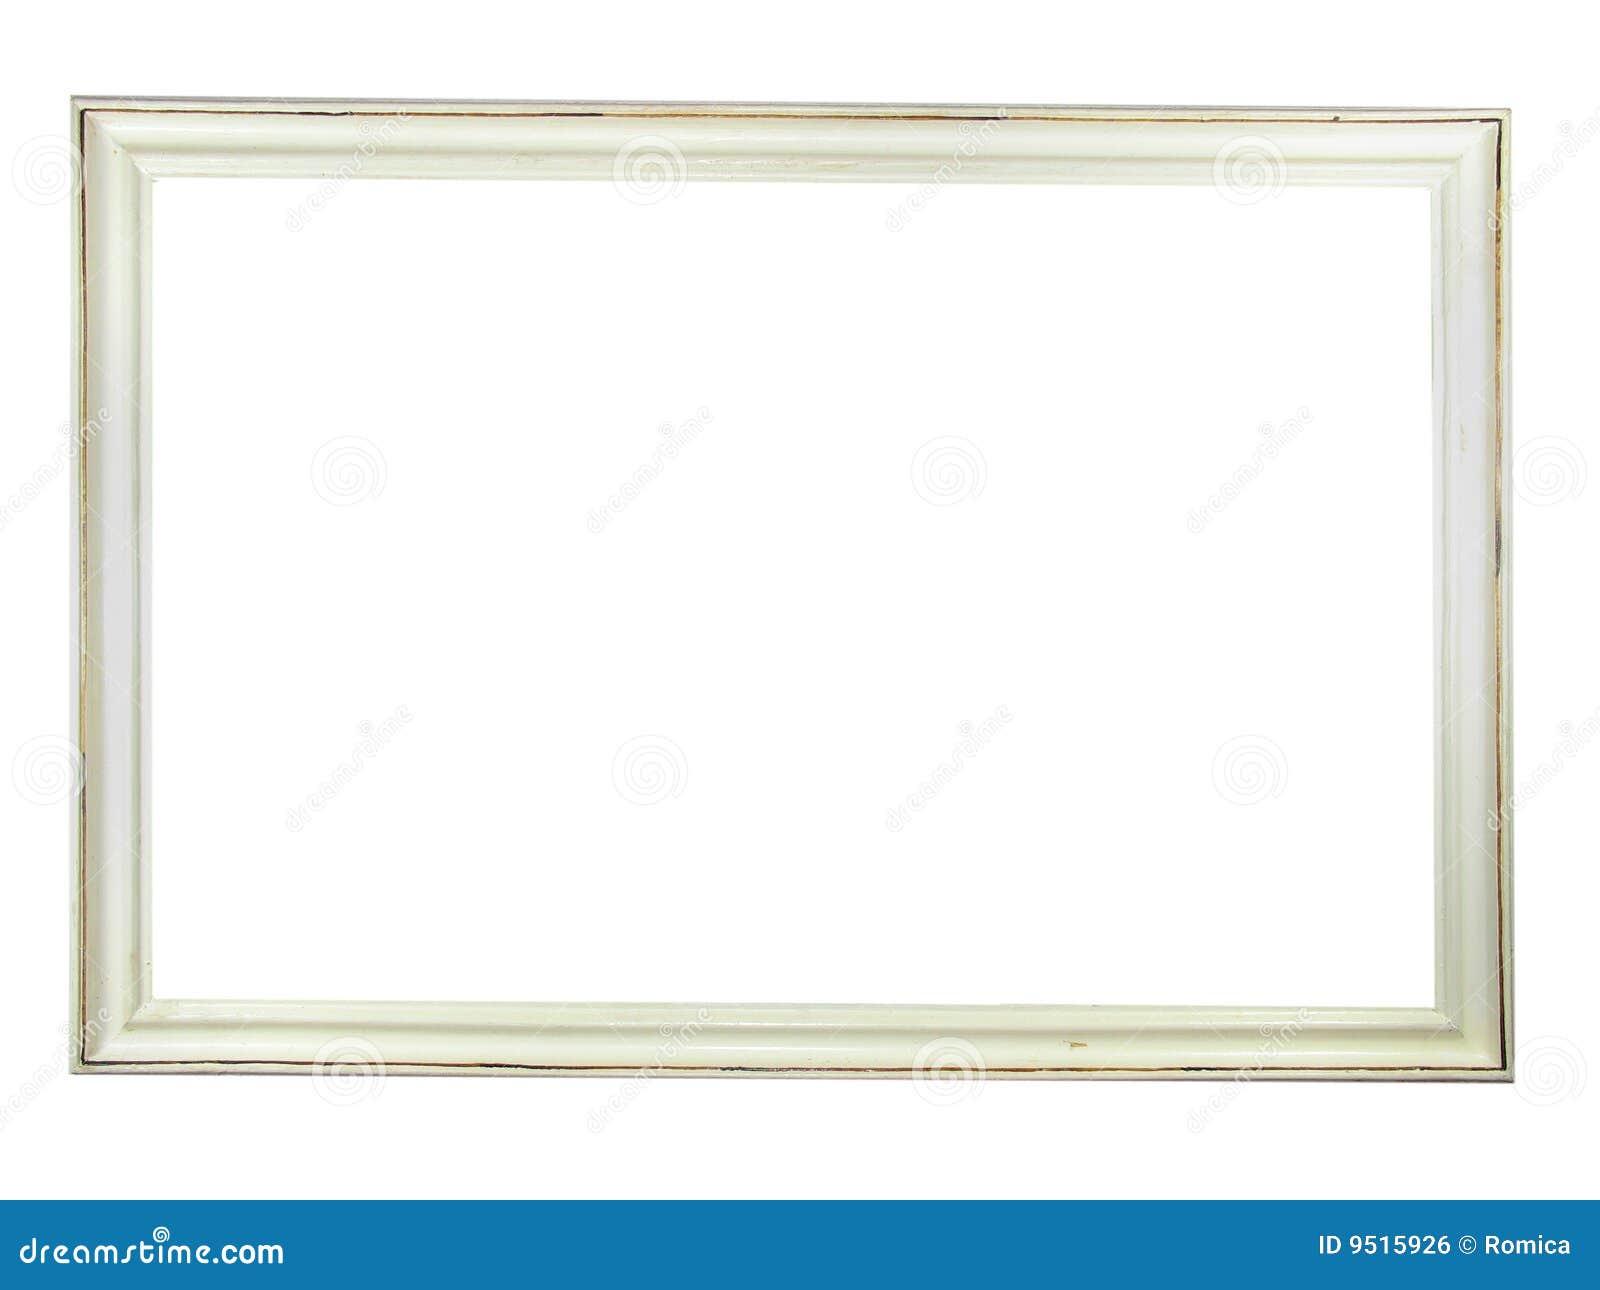 Vecchia cornice di legno bianca antica immagine stock for Cornice bianca foto